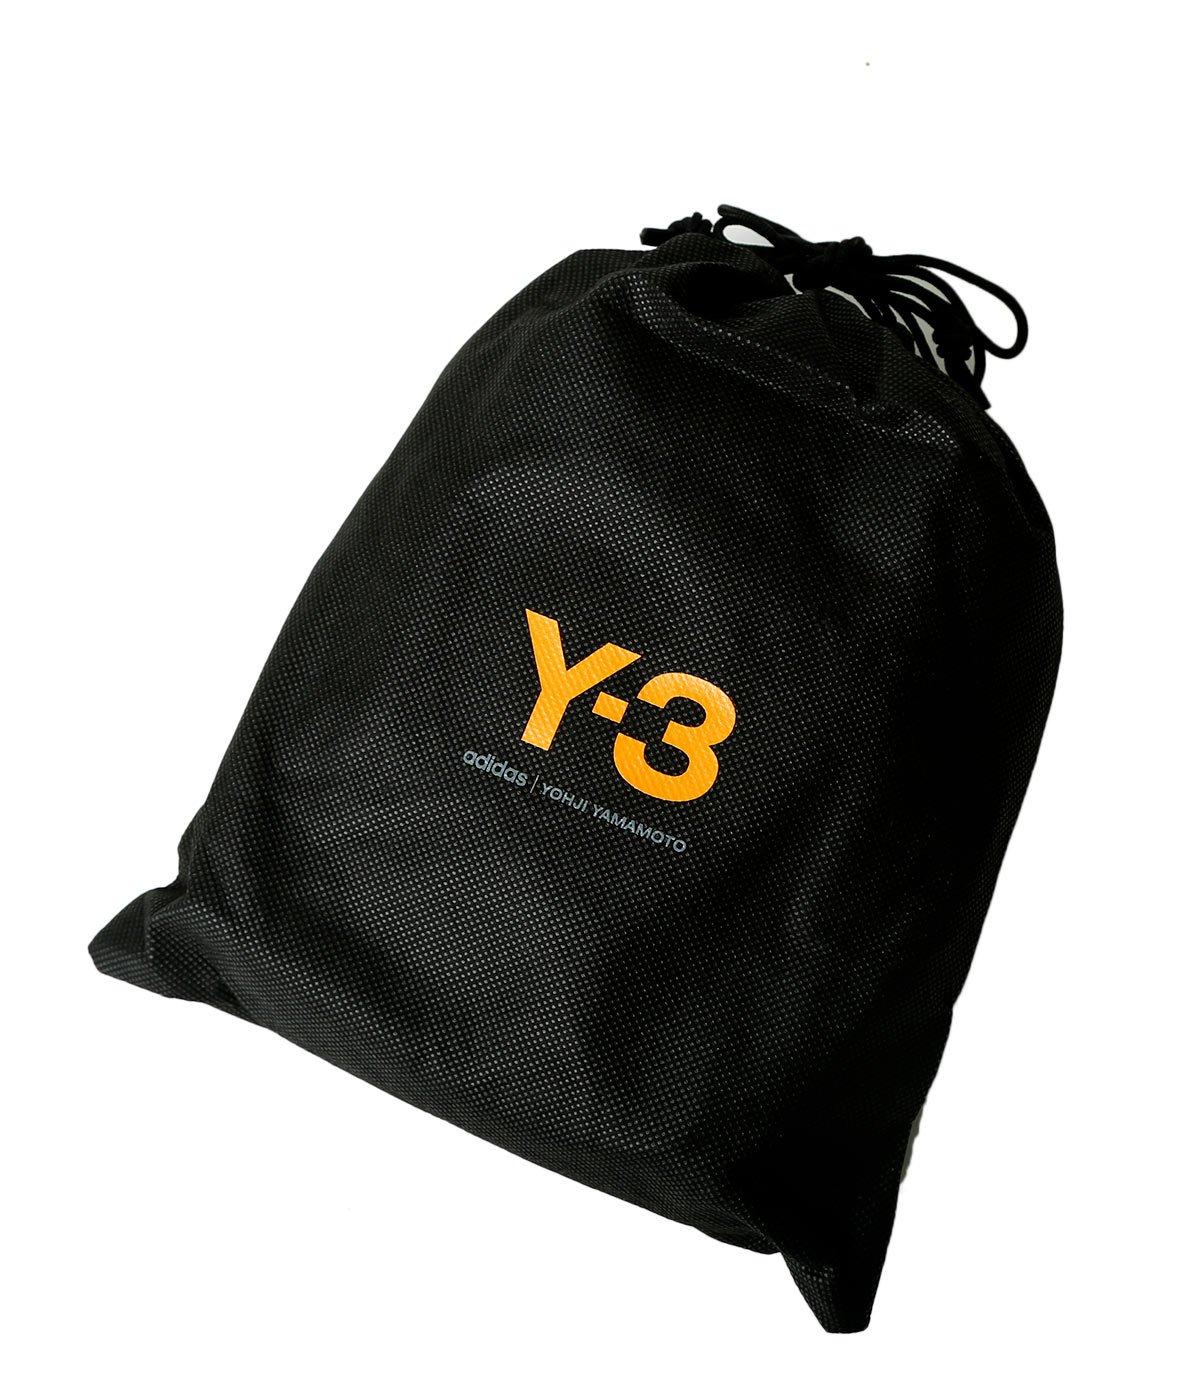 Y-3 PACKABLE BP